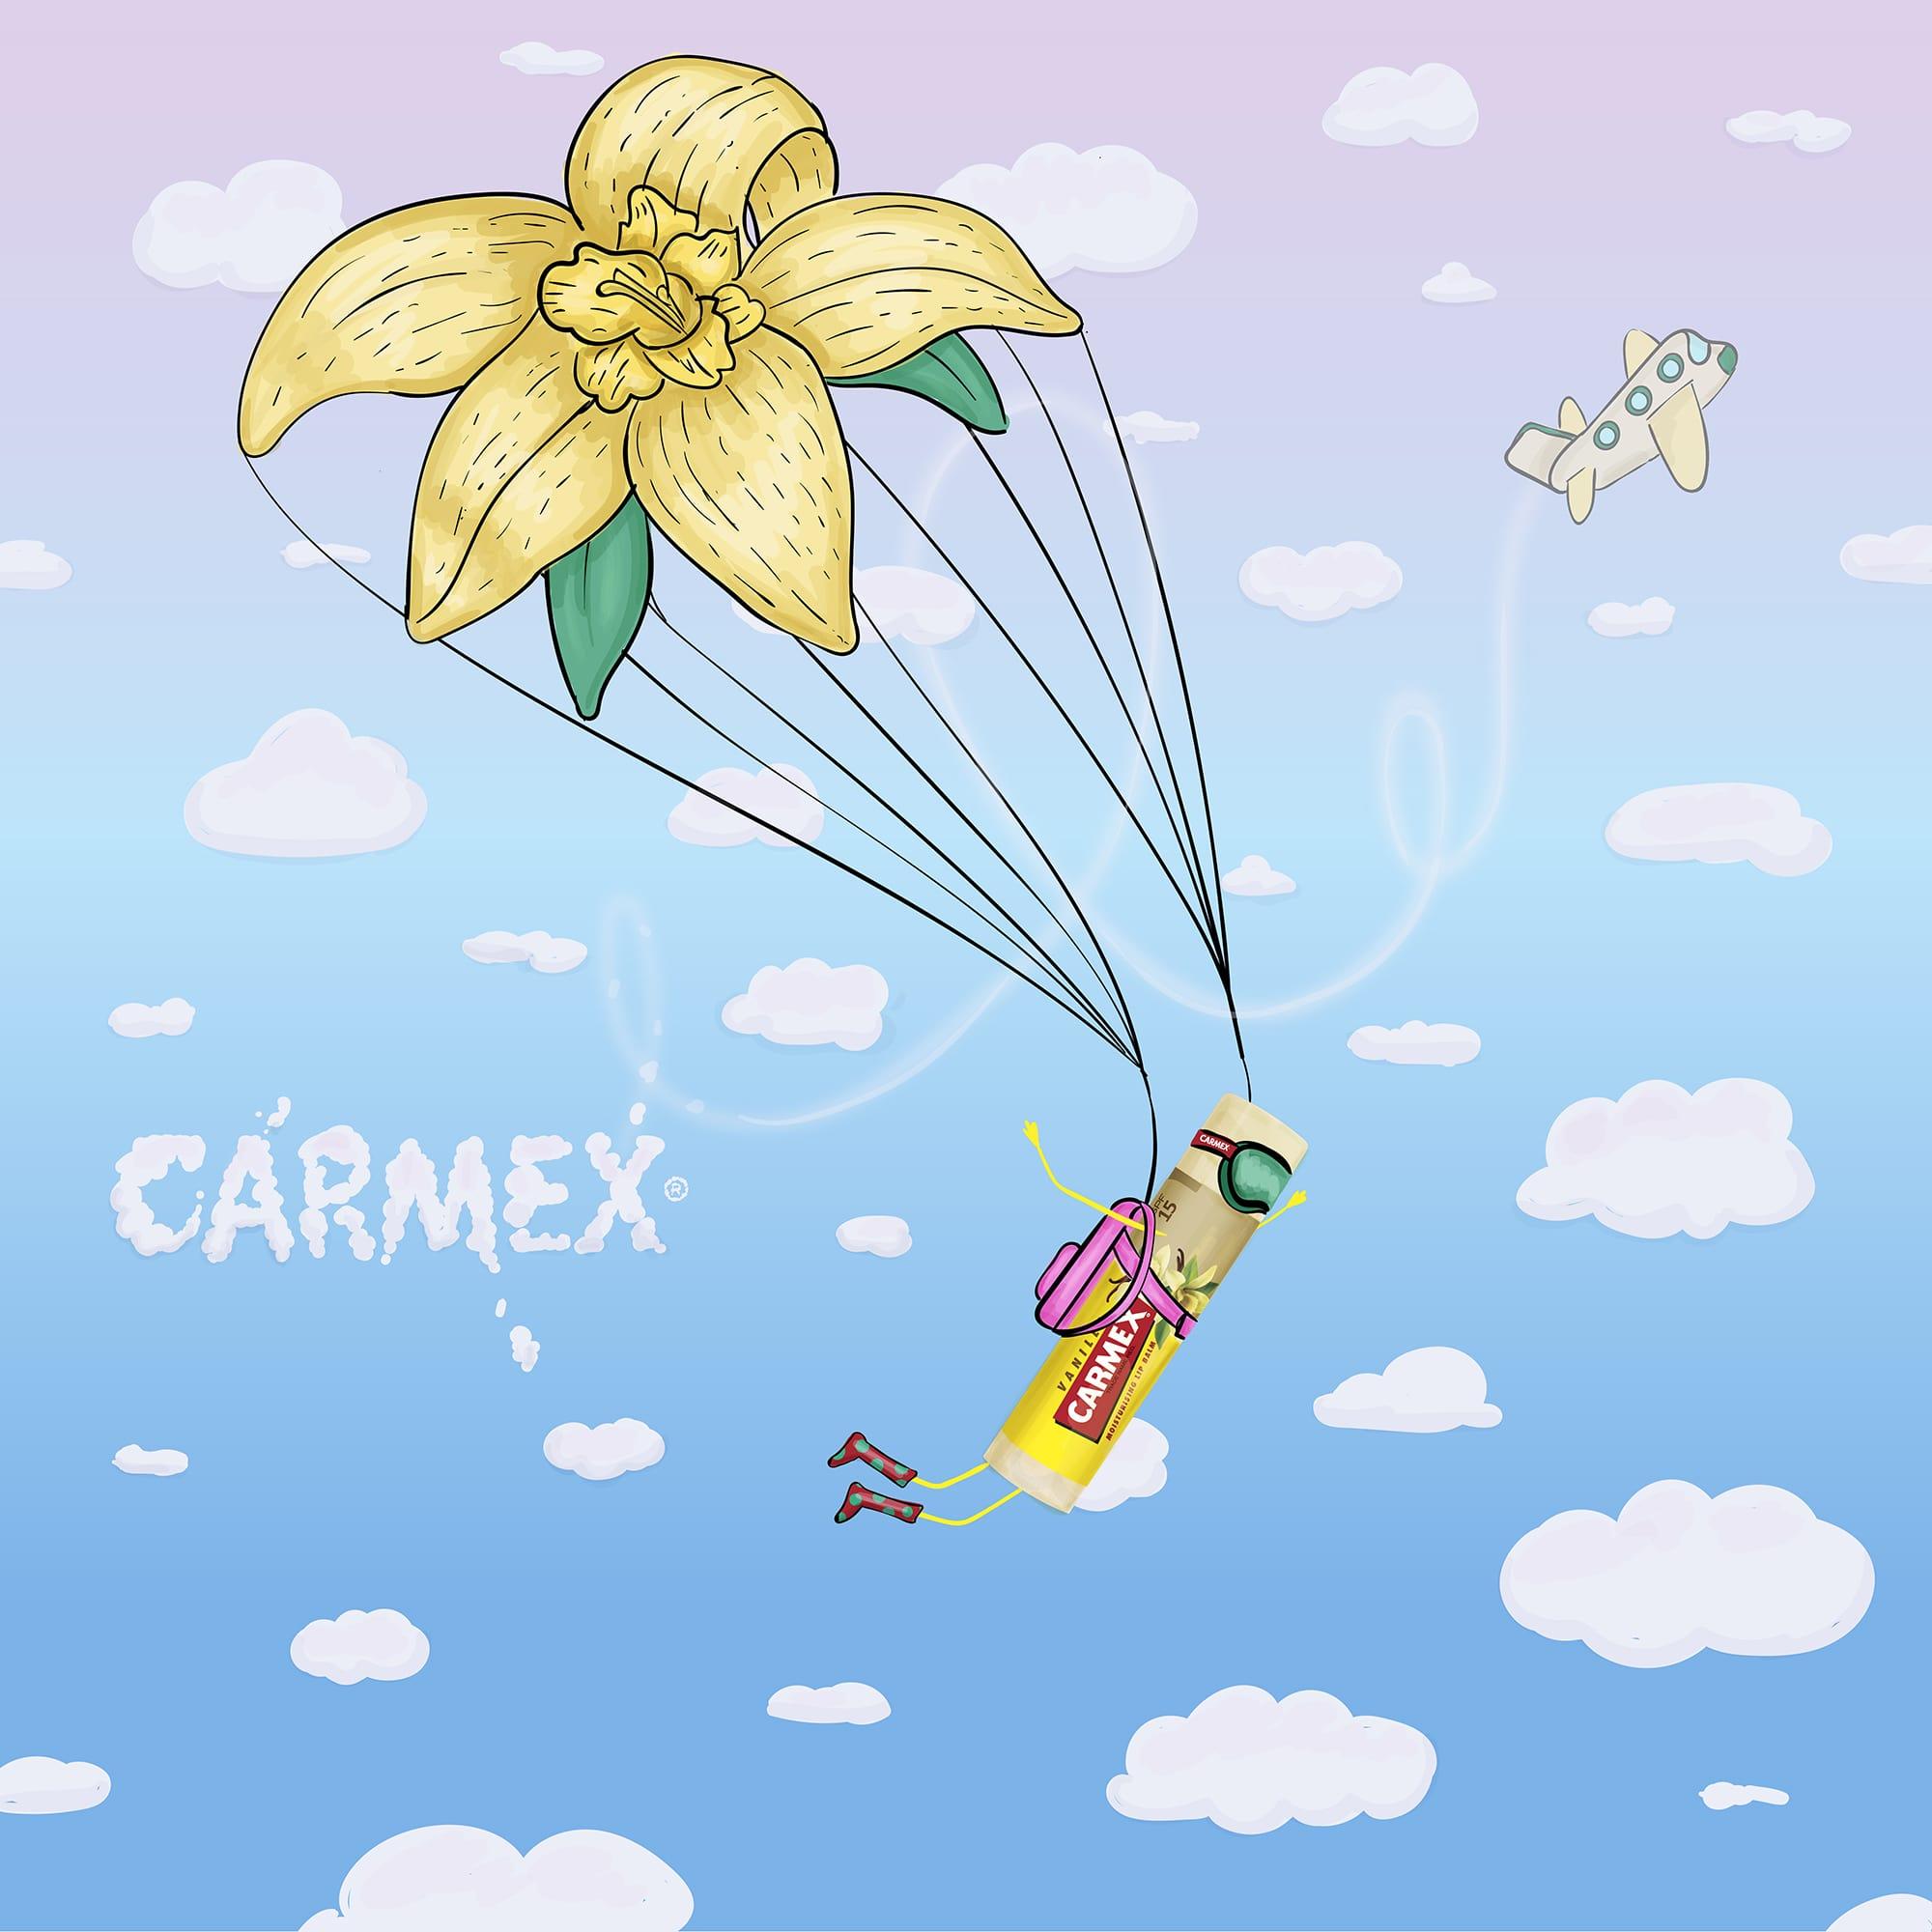 2019 проект для запуска Ванильного бальзама Carmex-min